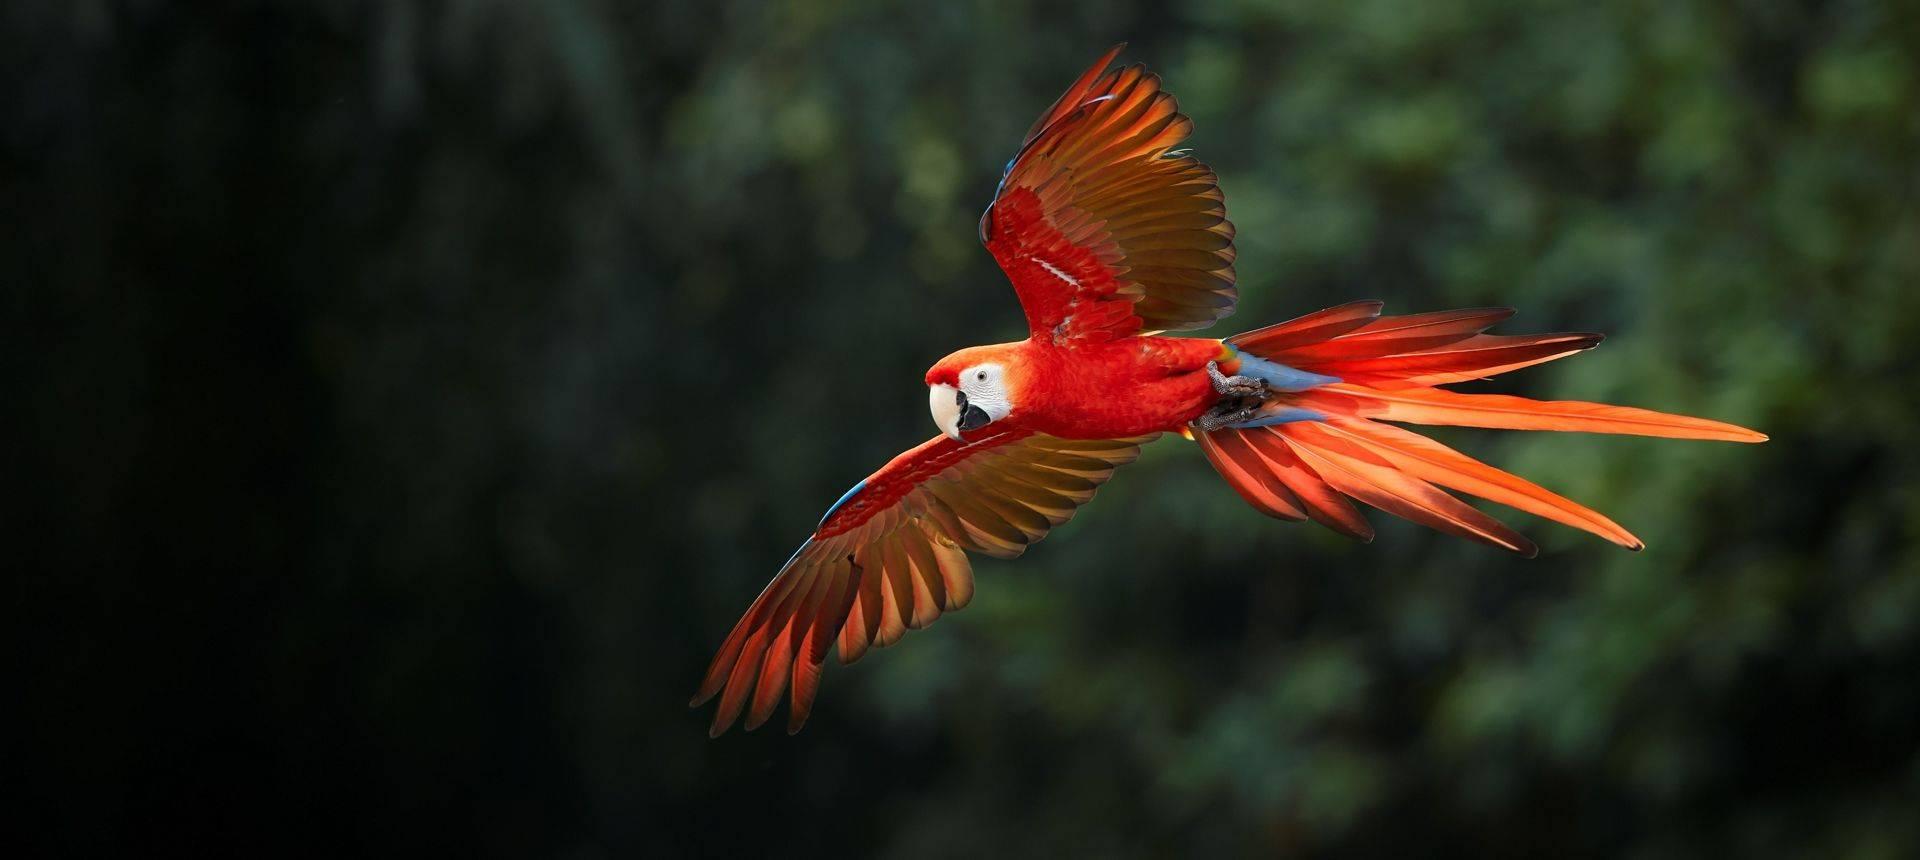 Scarlet Macaw Shutterstock 481822411